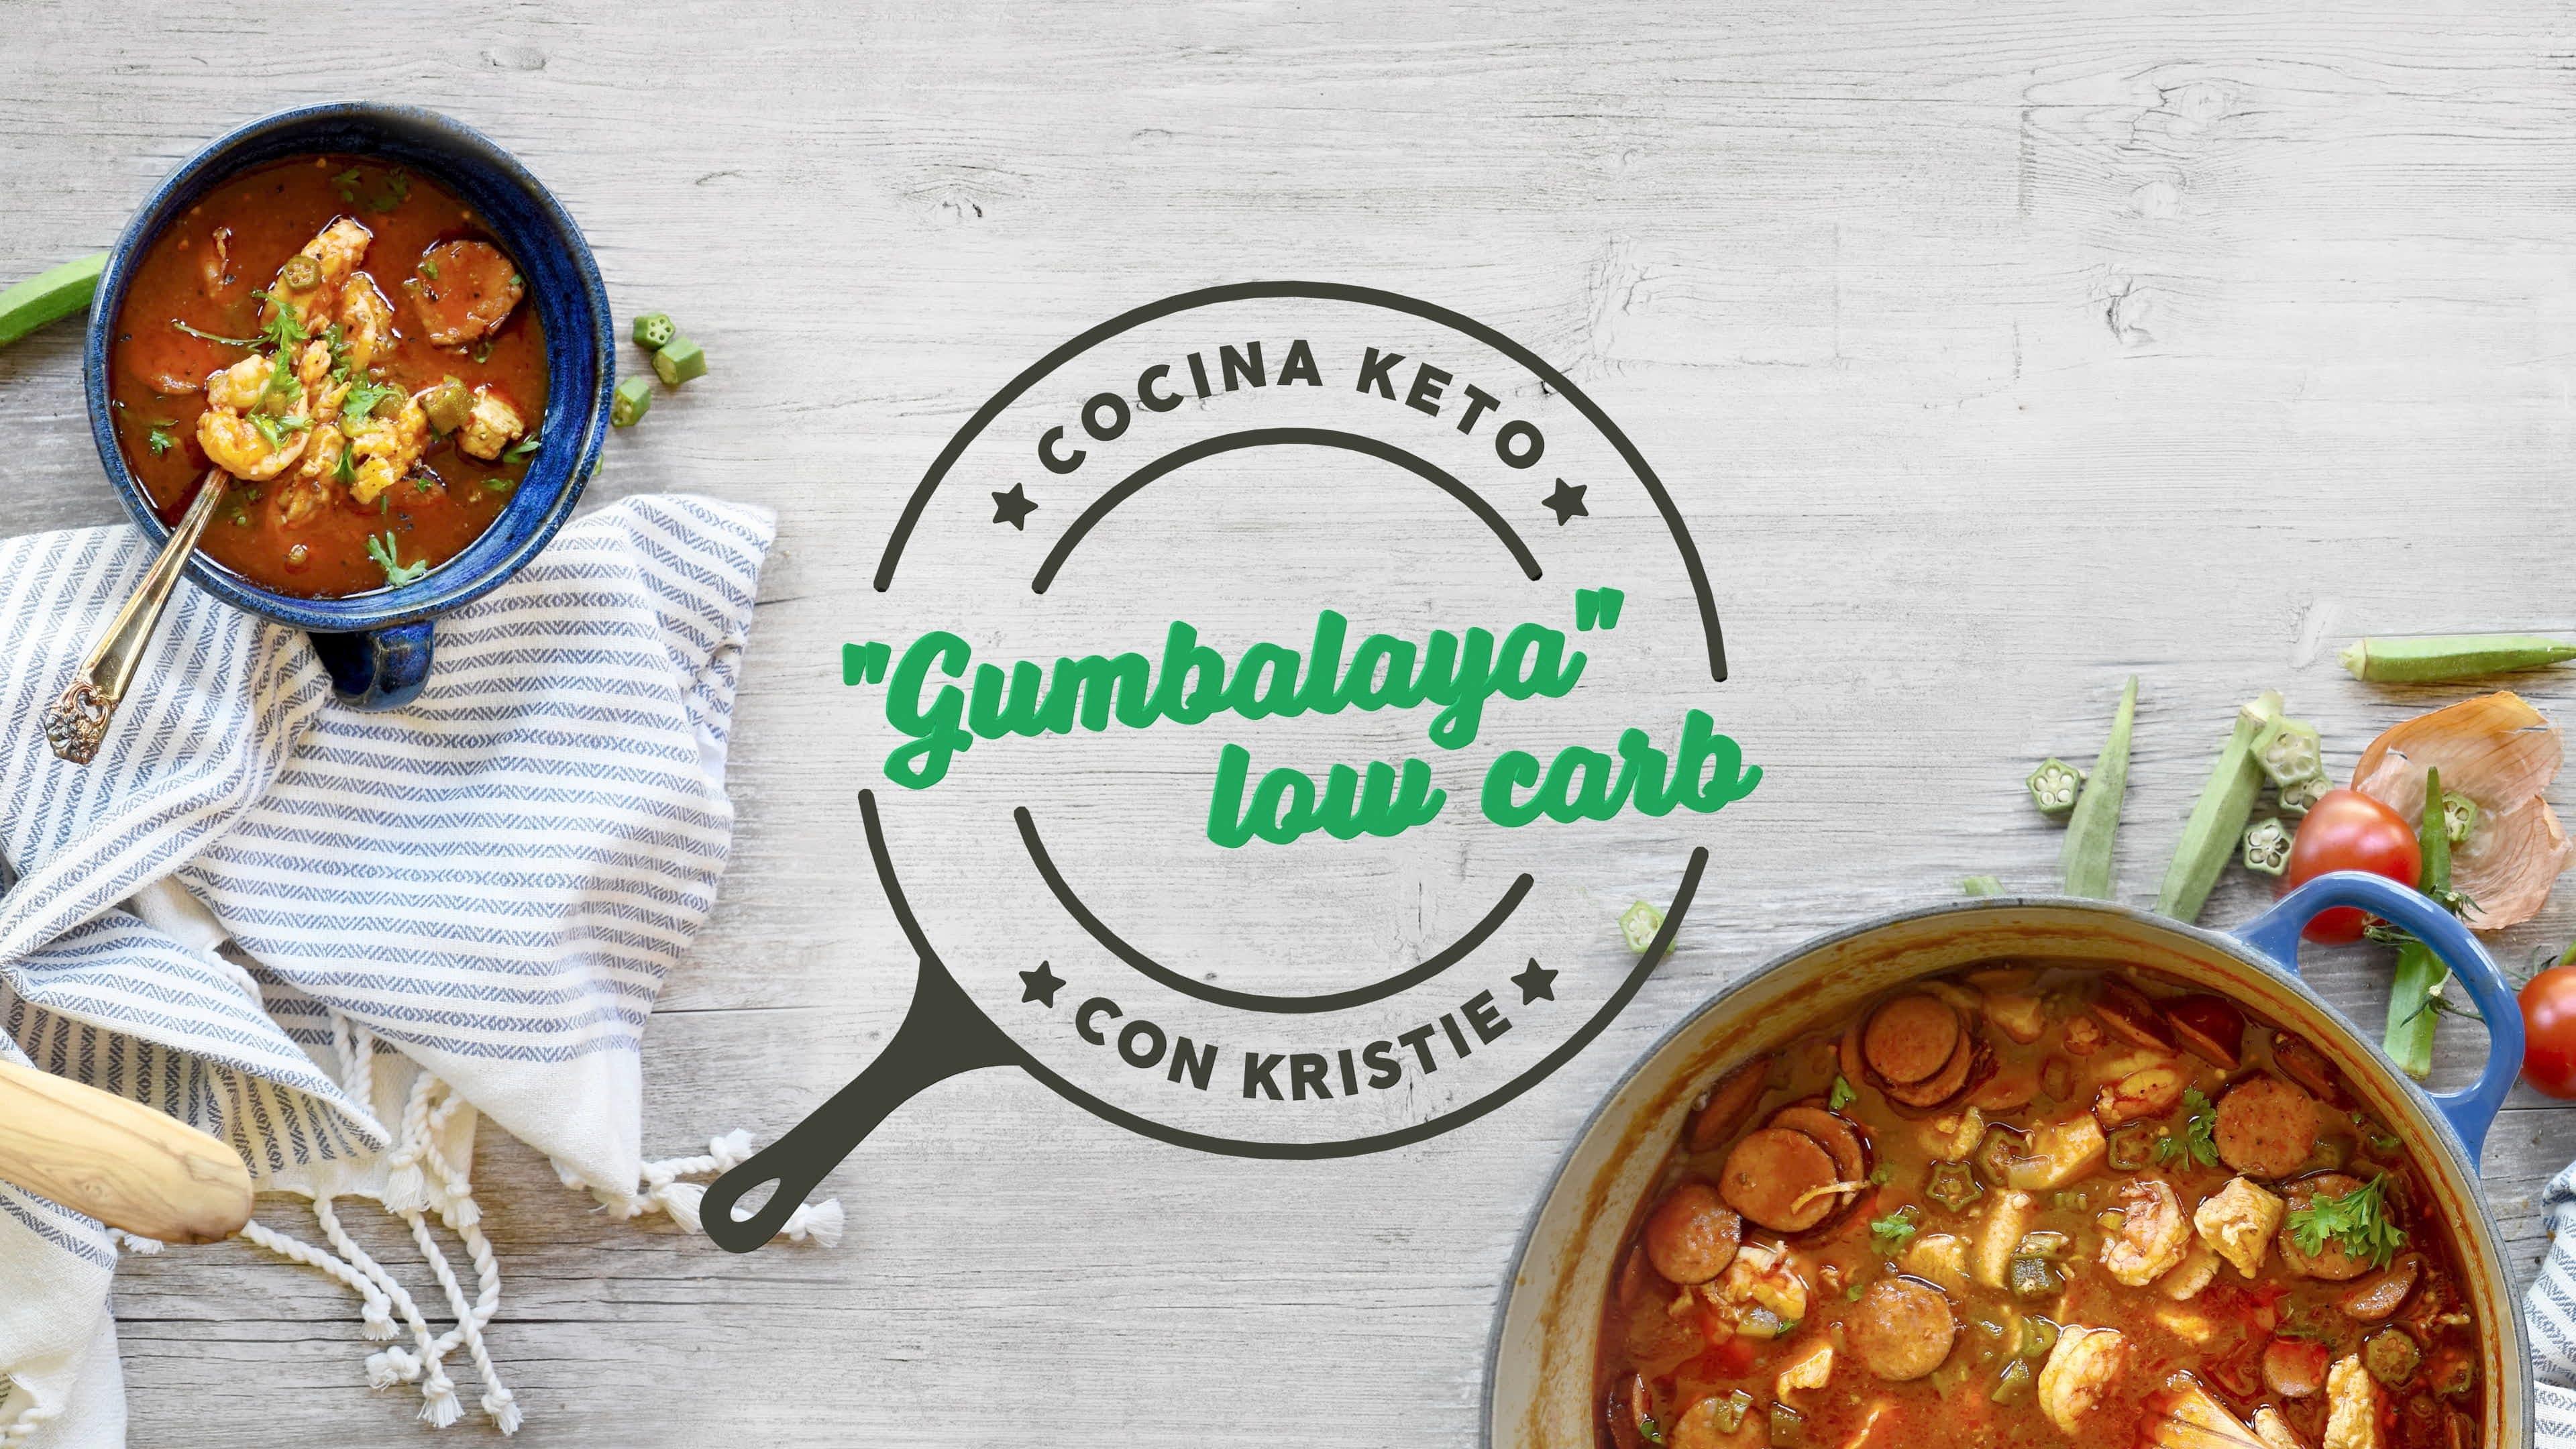 Cocina keto con Kristie - Gumbalaya